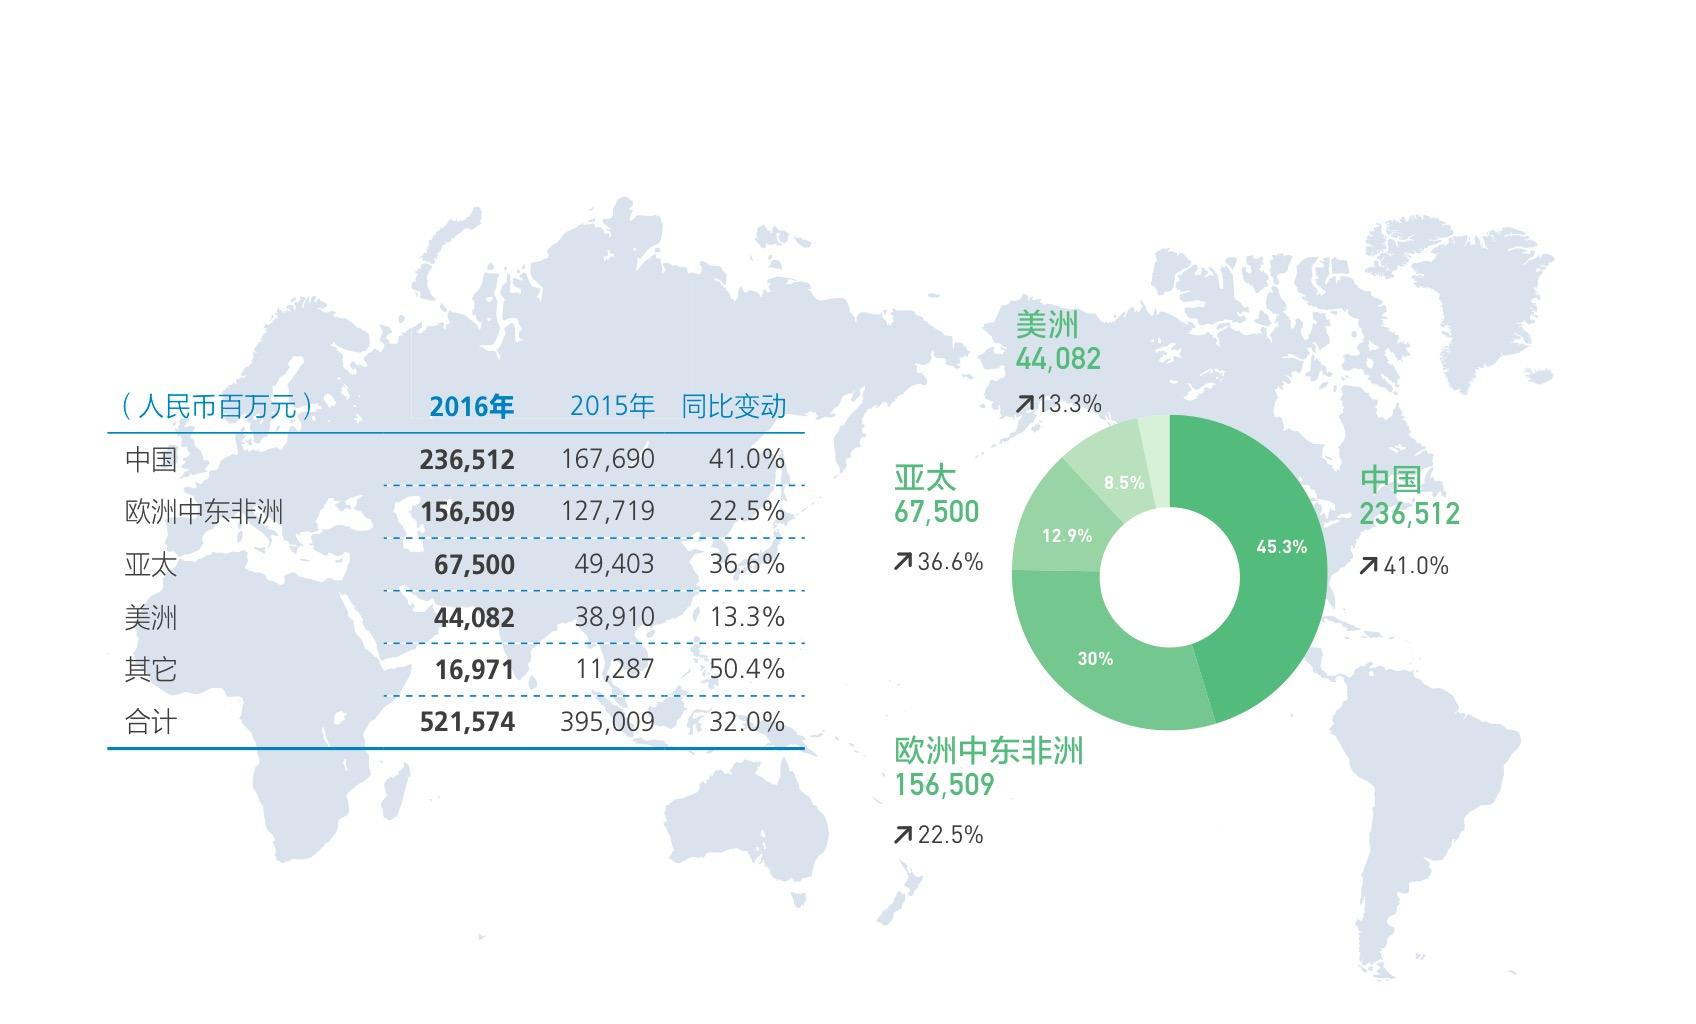 华为2016年年报解读:终端业务增长迅速,利润成焦点的照片 - 6